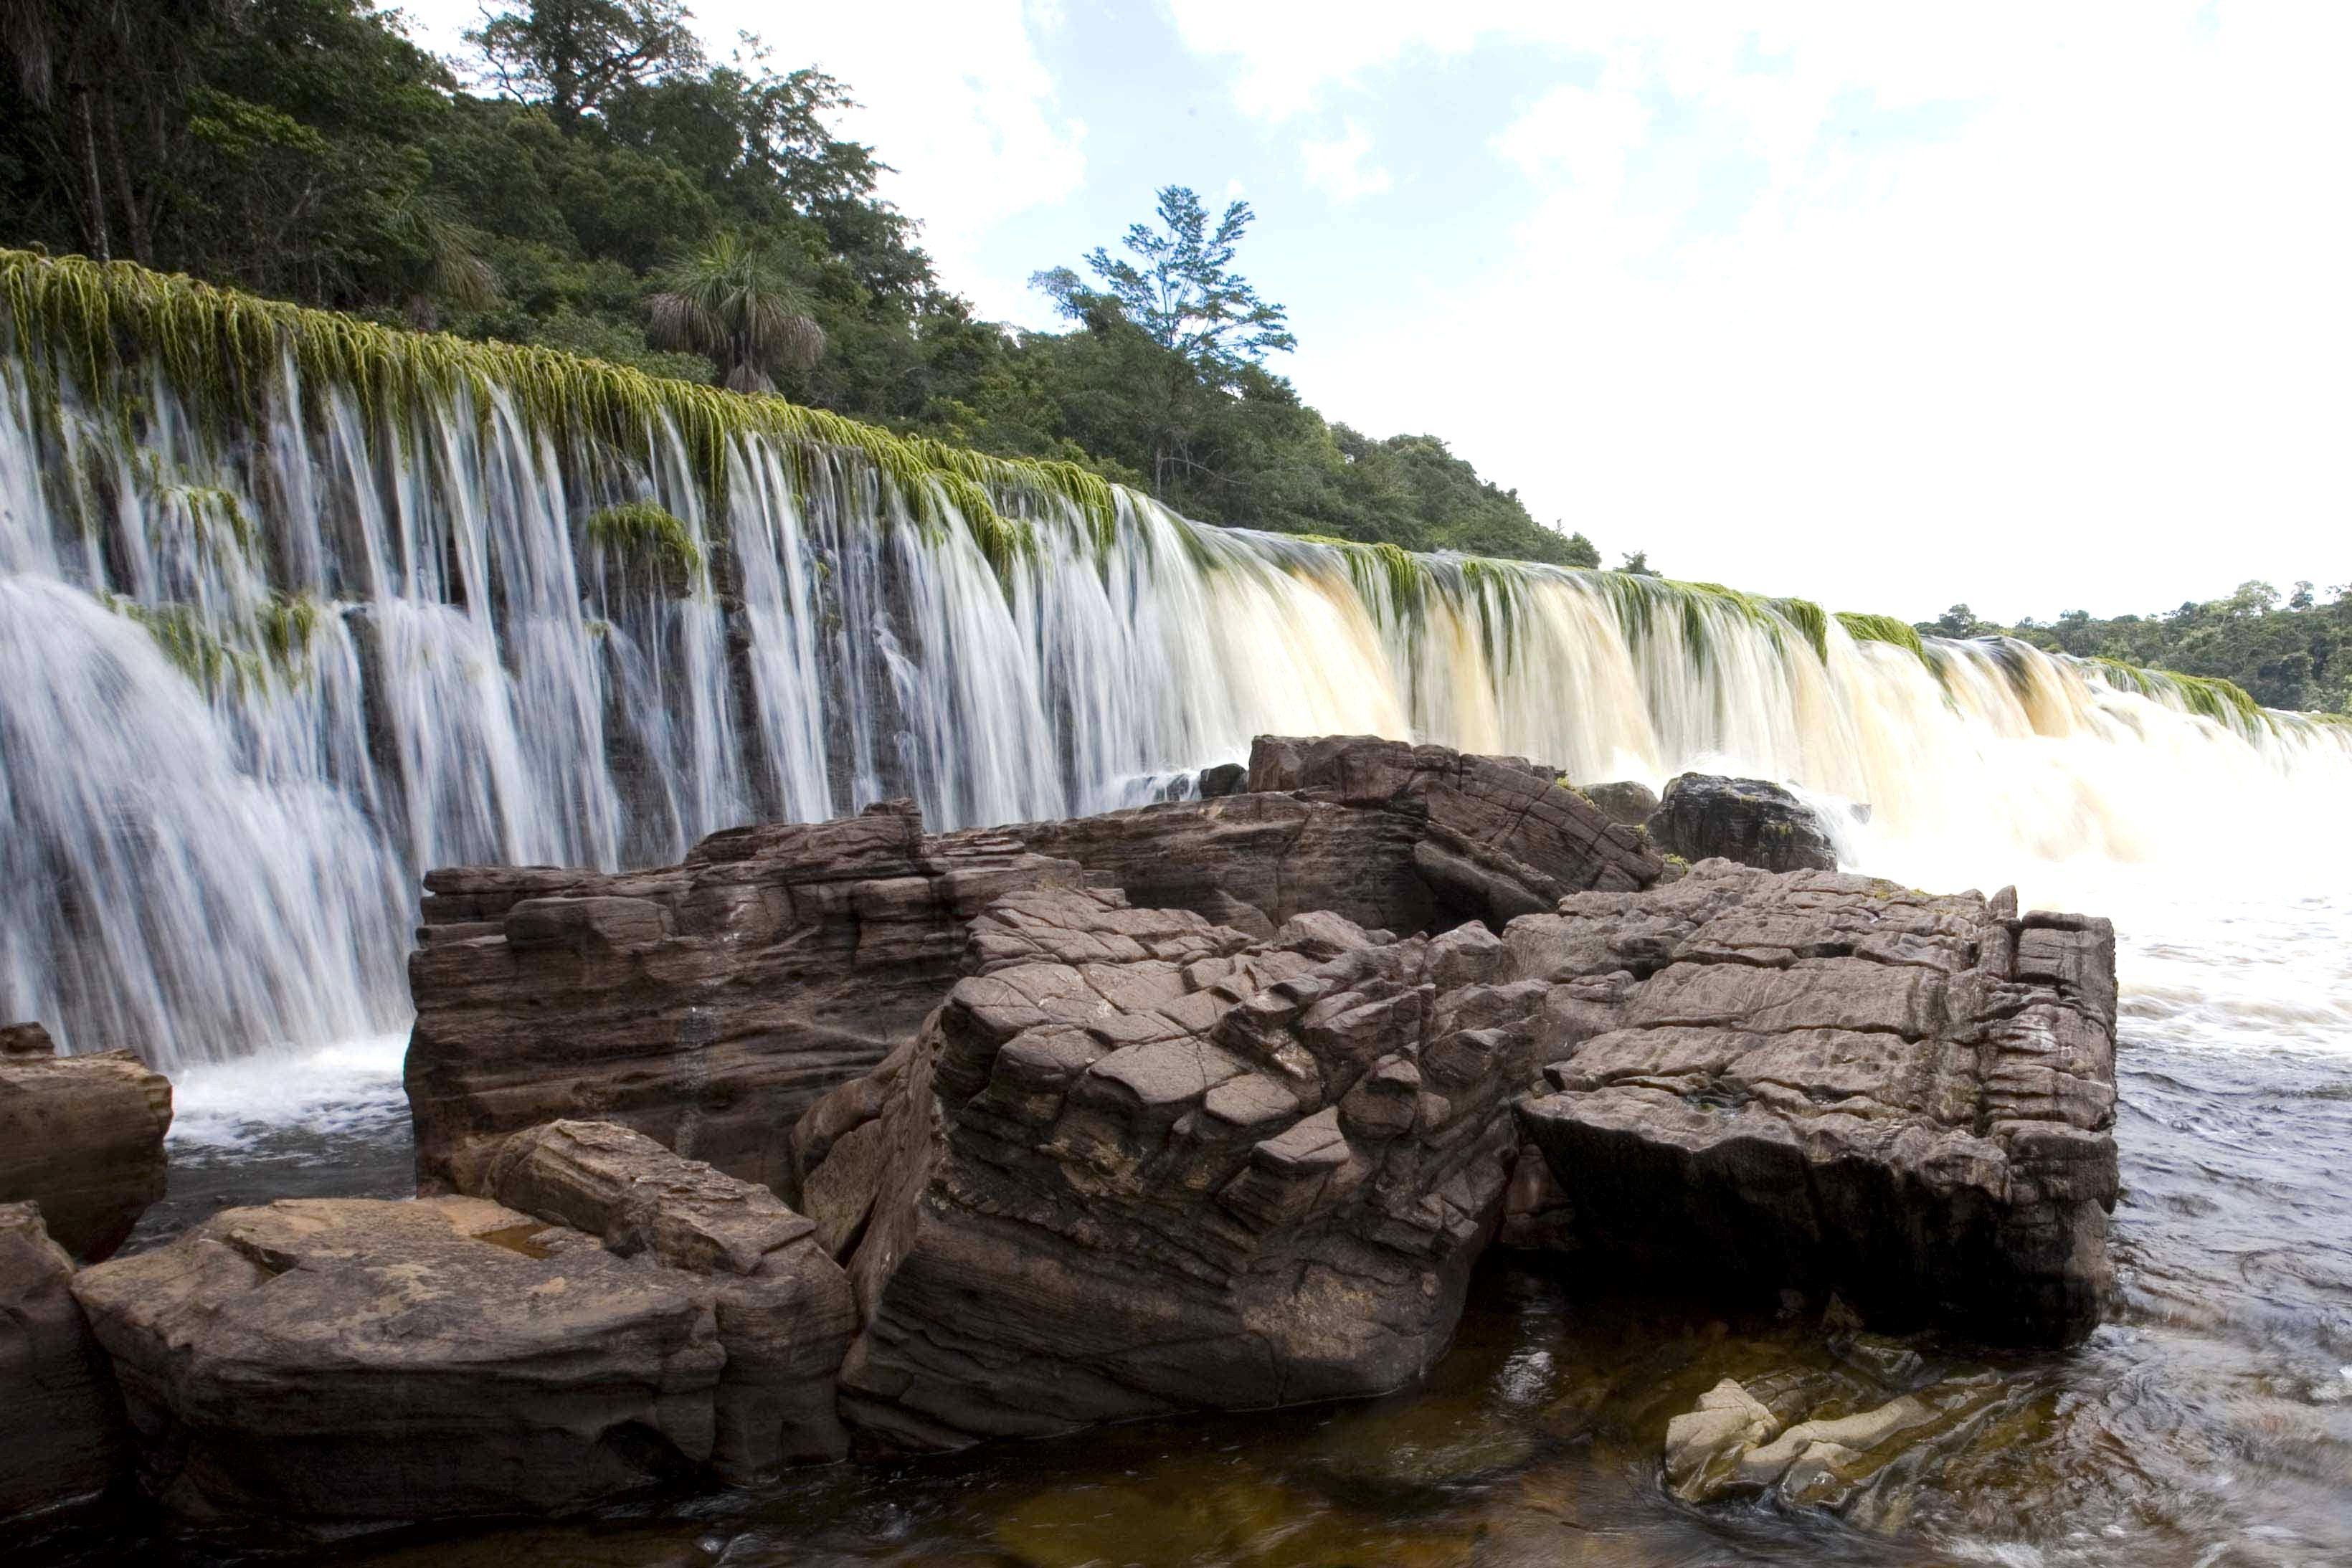 Inicio - FacilGuia.com | Venezuela | Turismo Venezuela ,Guía oficial de turismo, Facilguia , #FacilGuia, Inventario Turístico, una Ventana para el mundo